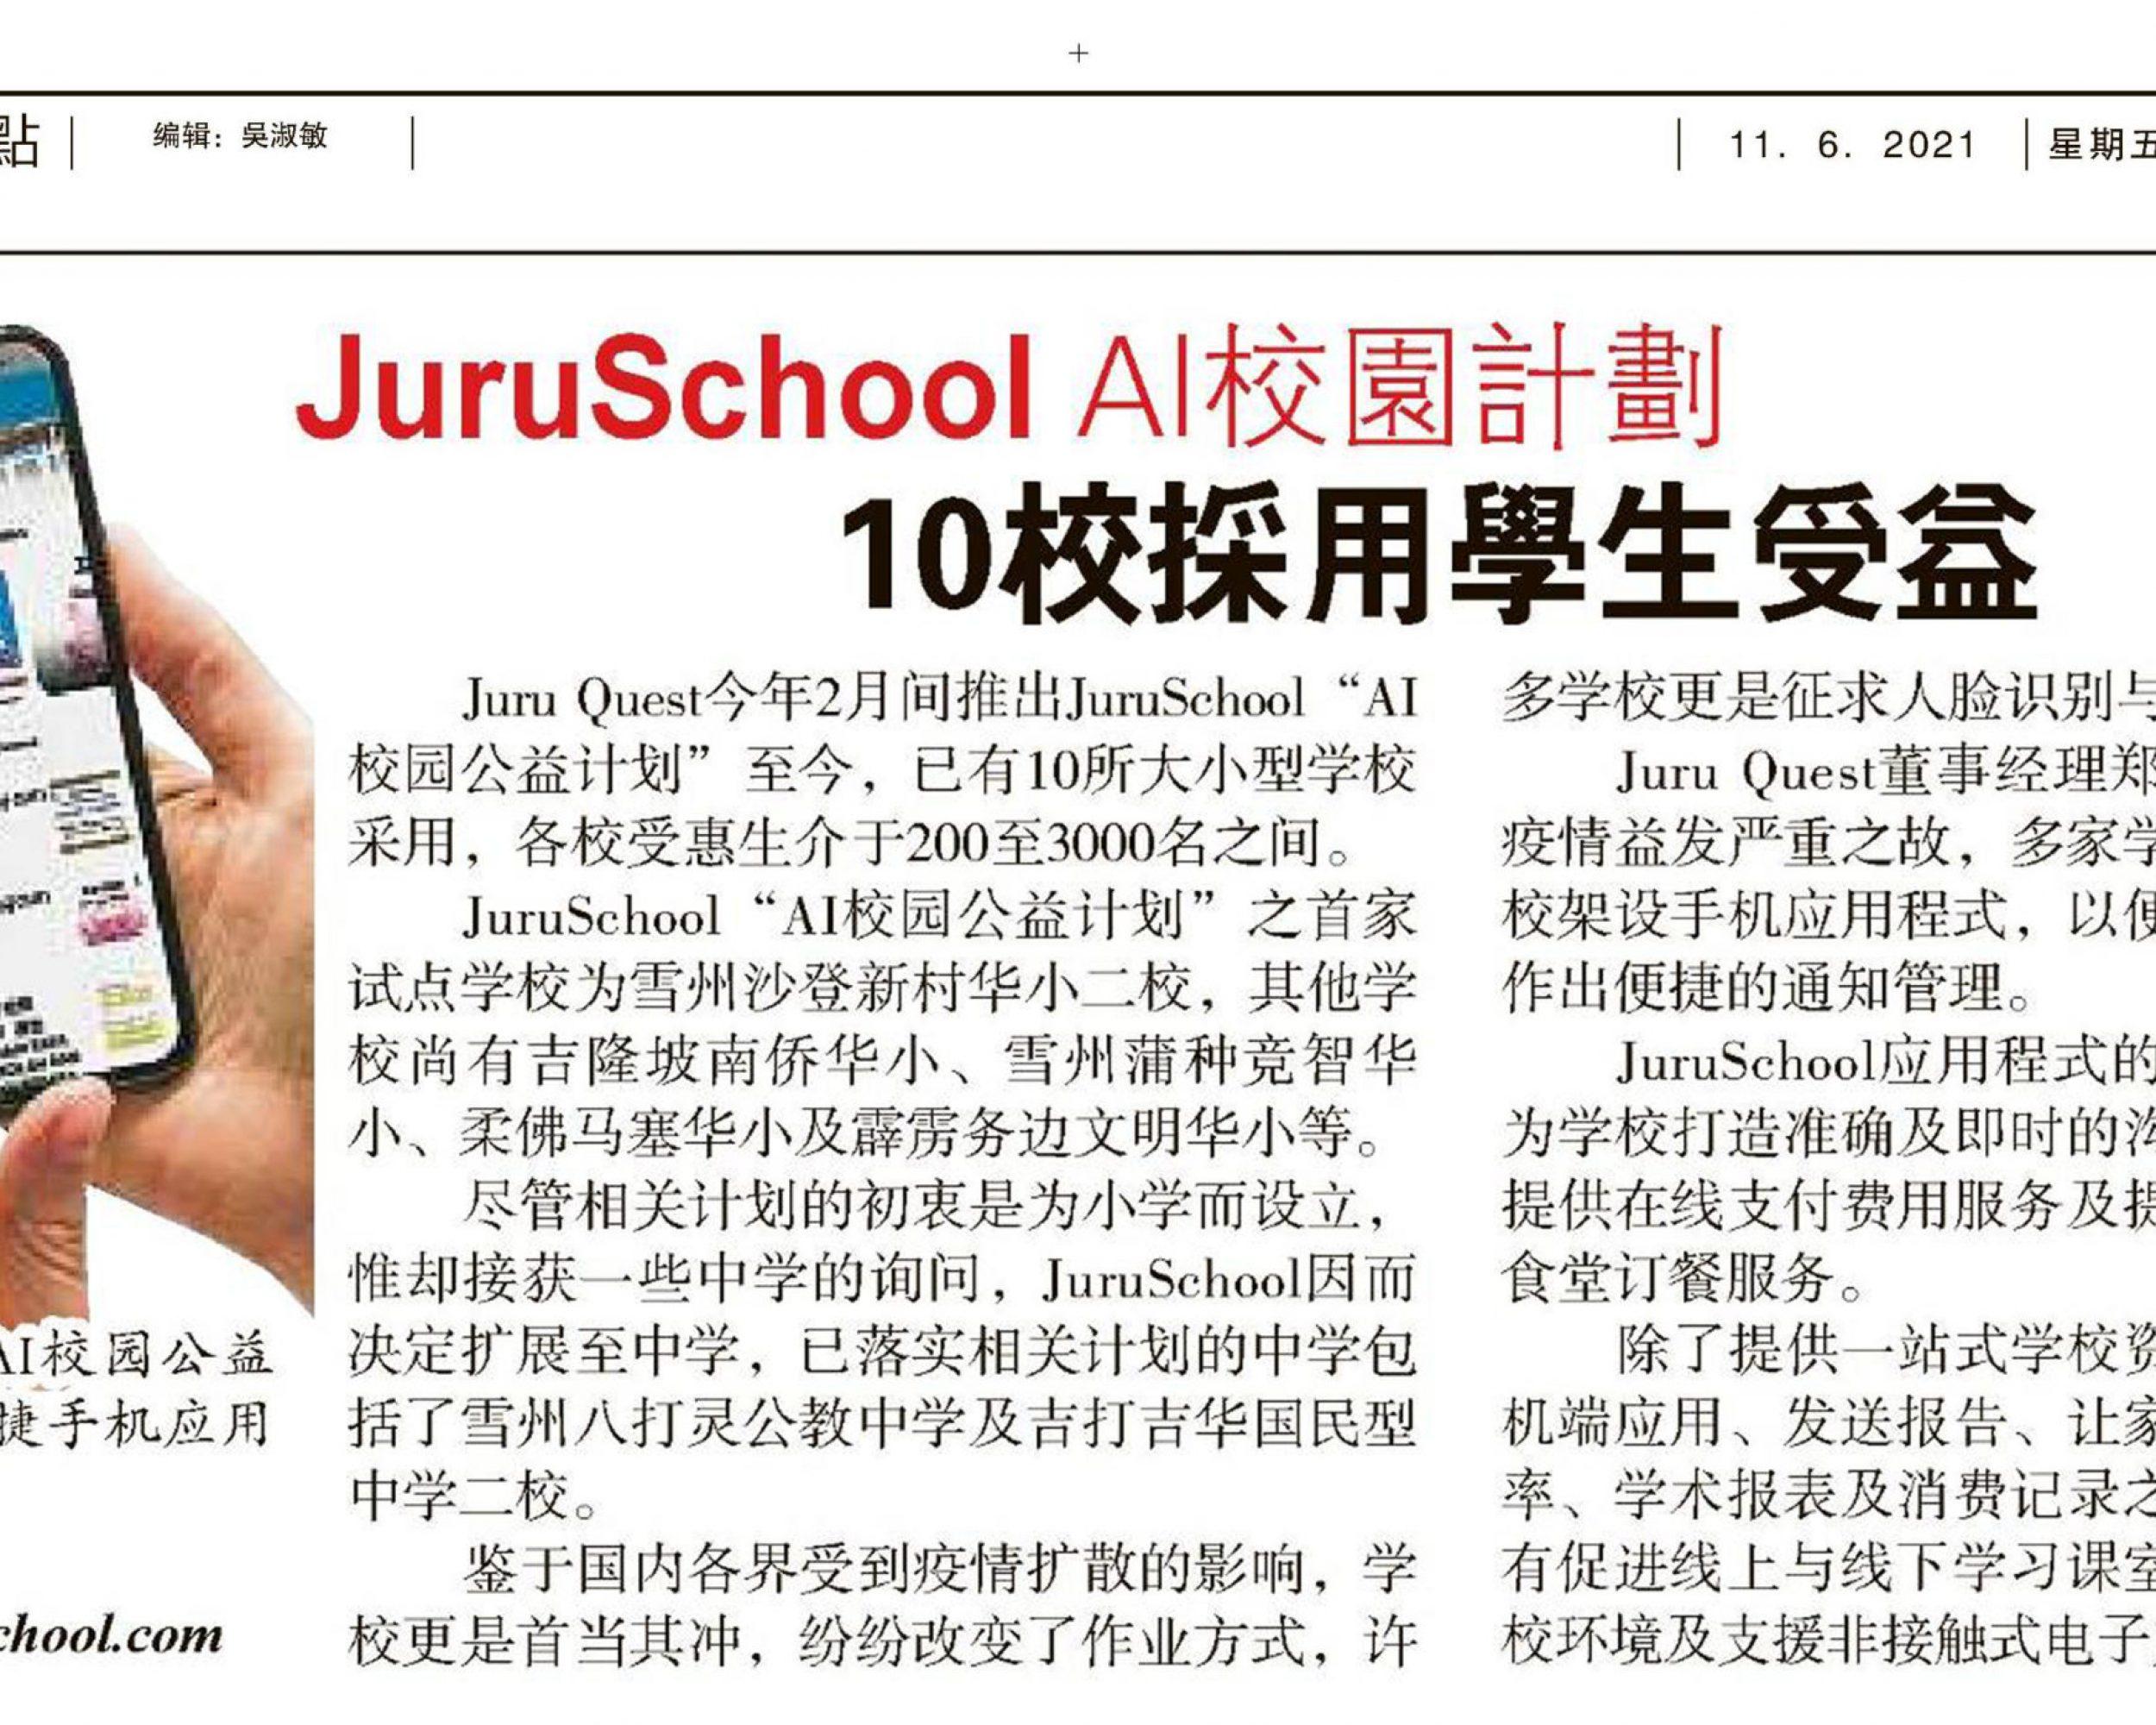 JuruAi in Sin Chew NewsPaper on 11.6.2021